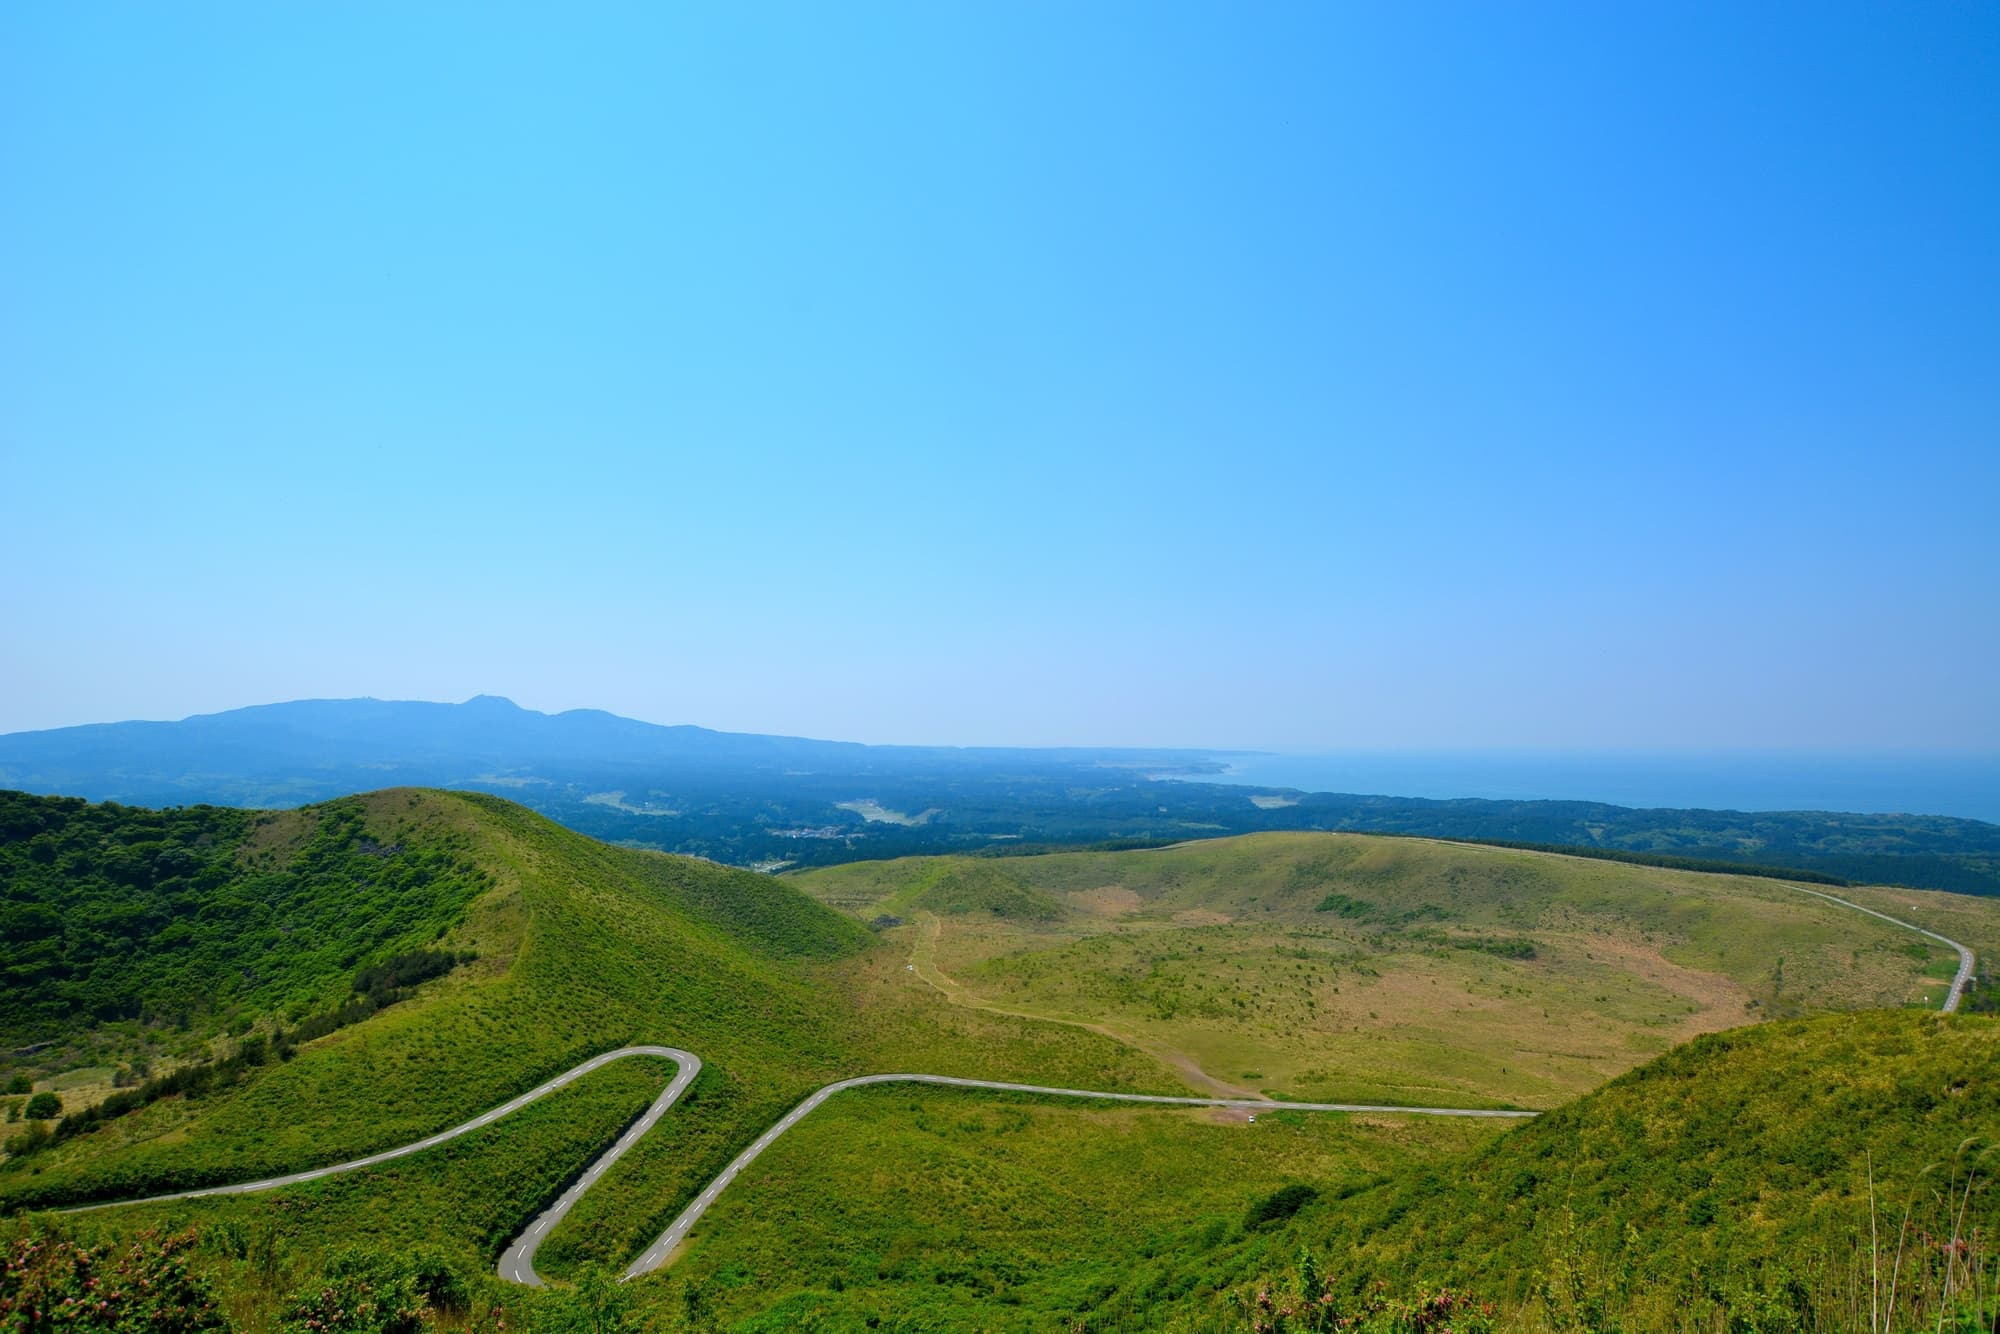 """สถานที่เที่ยวในภูมิภาค """"โทโฮคุ"""" ฤดูร้อน - เขาคังปู (Mt. Kanpu) เมืองโองะ (Oga)"""